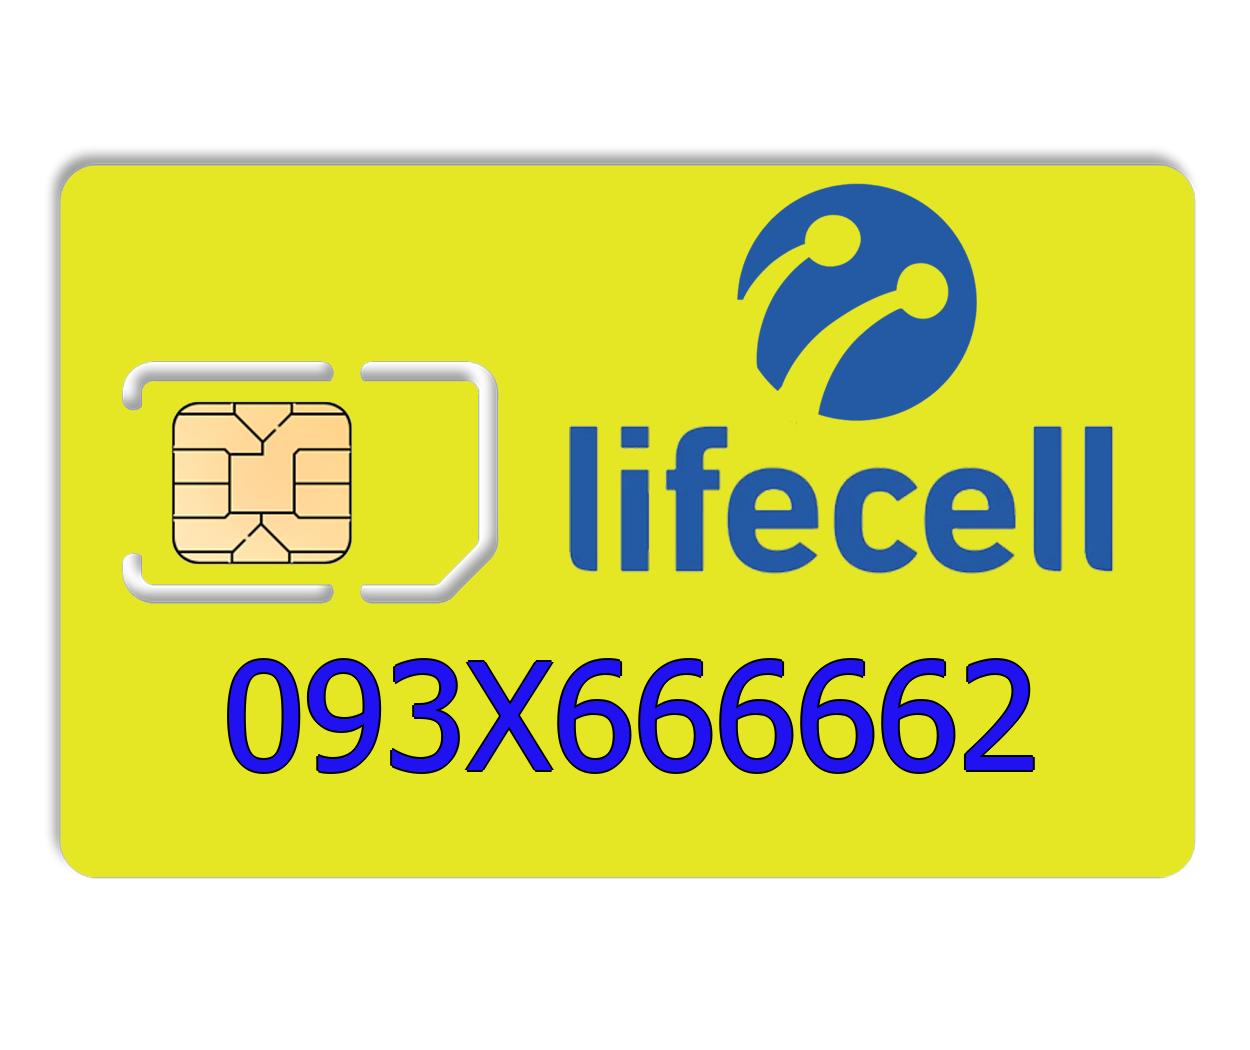 Красивый номер lifecell 093X666662